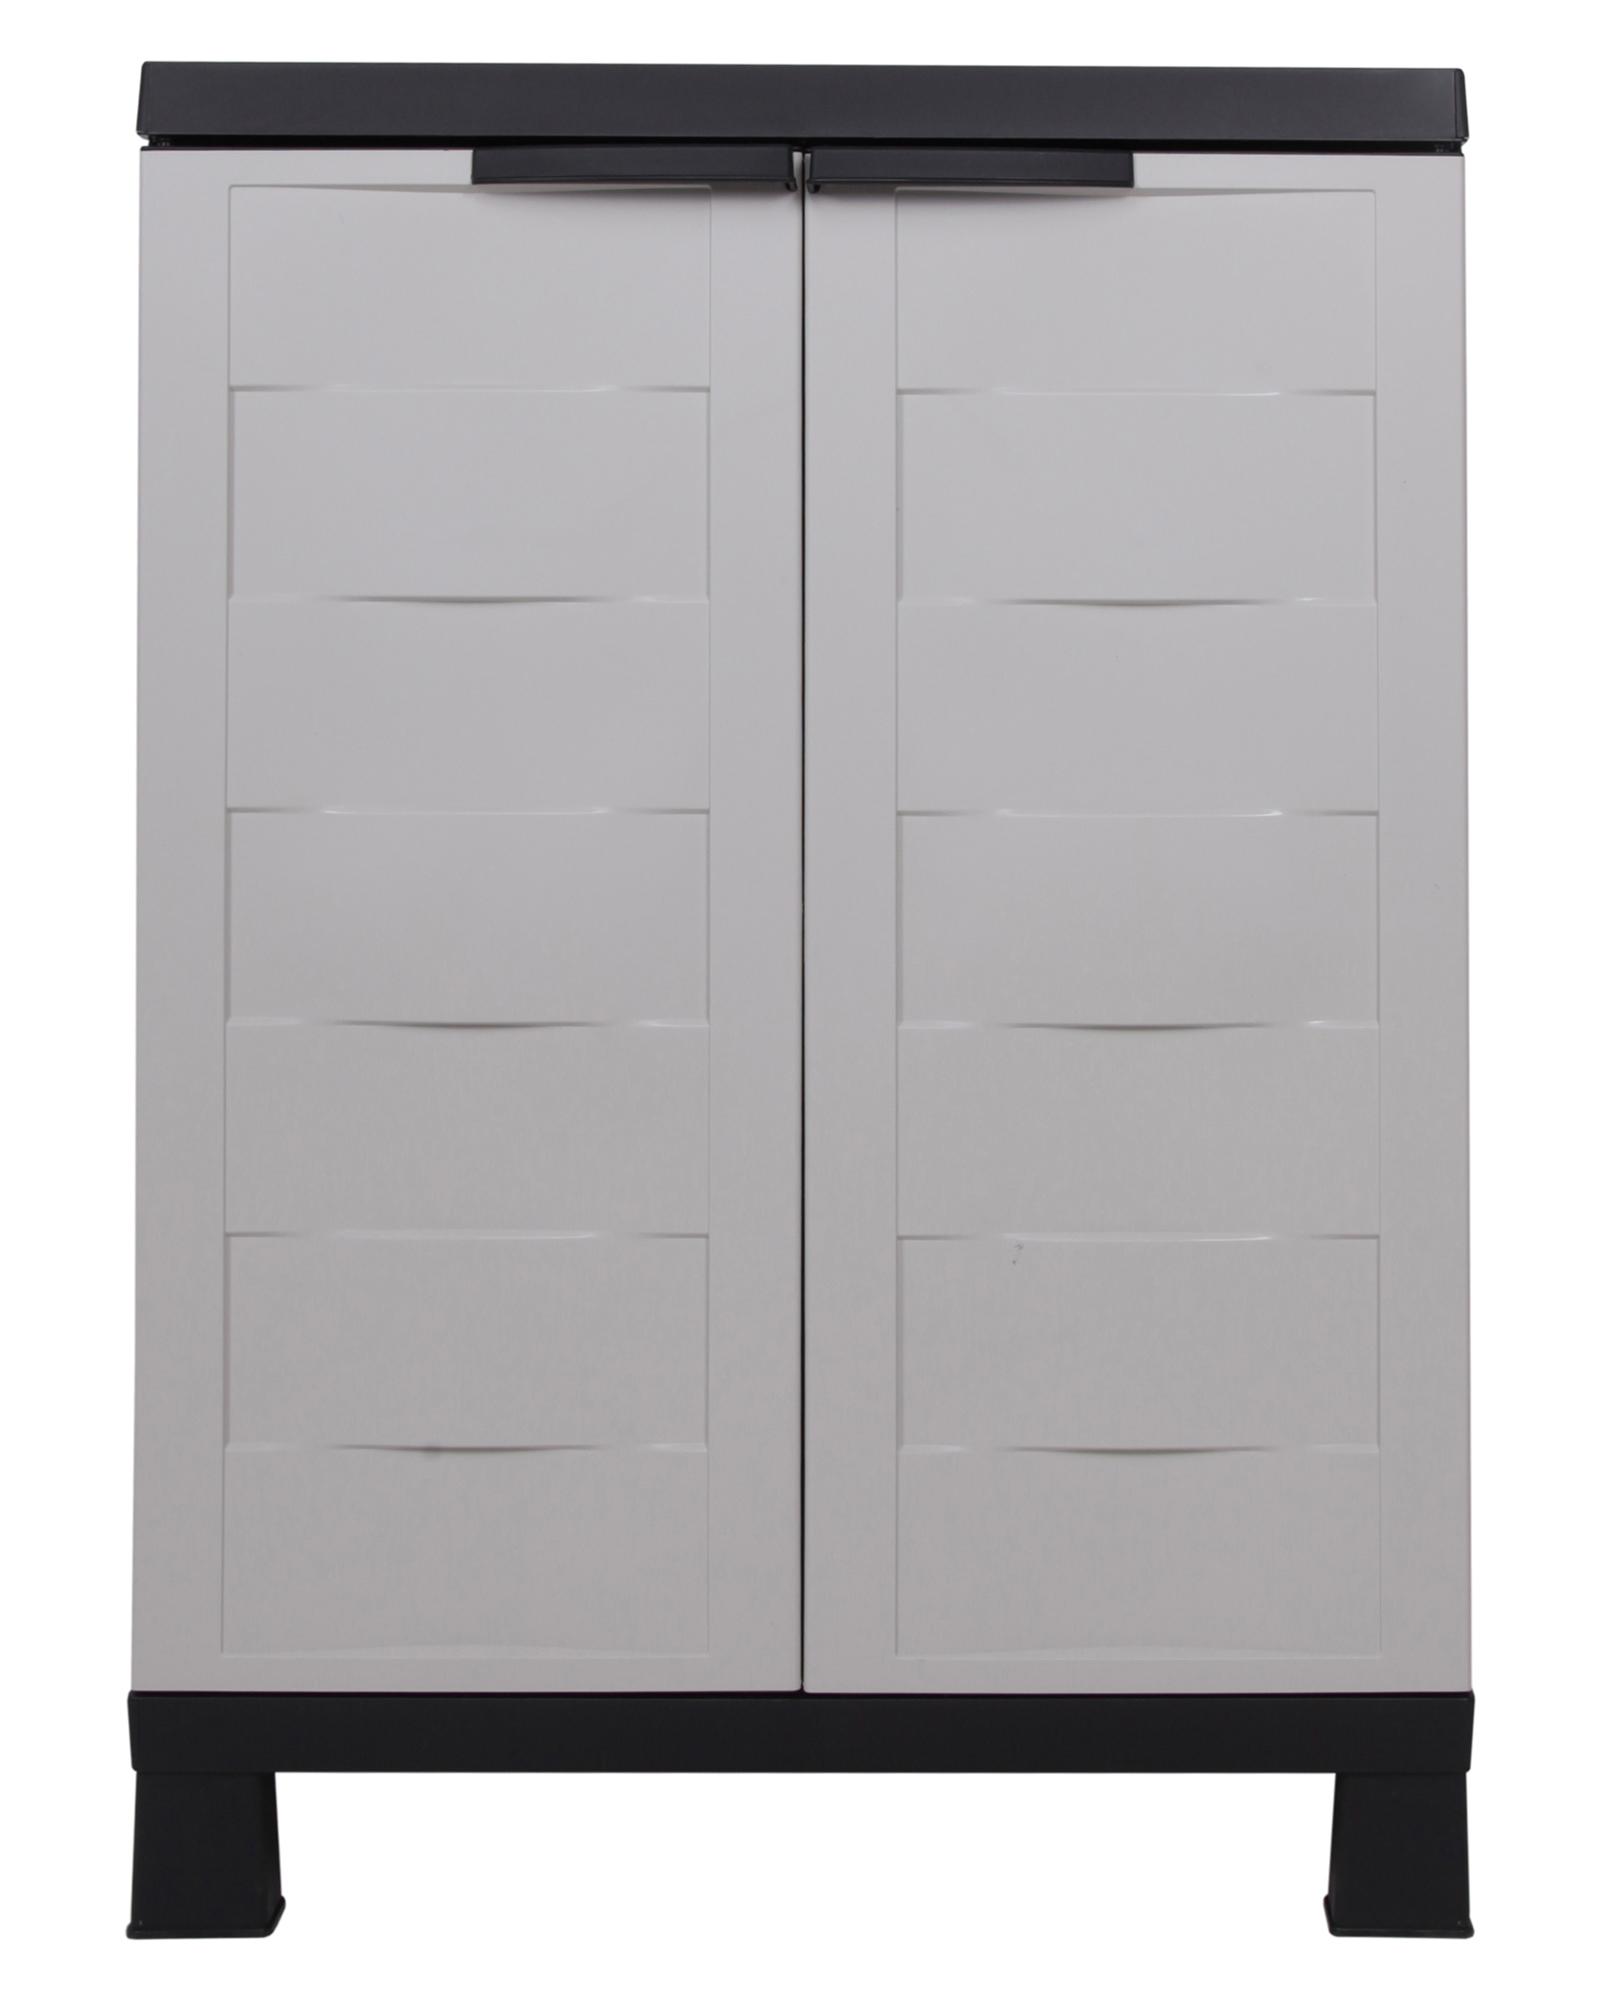 ondis24 kunststoffschrank small prestige g nstig online kaufen. Black Bedroom Furniture Sets. Home Design Ideas